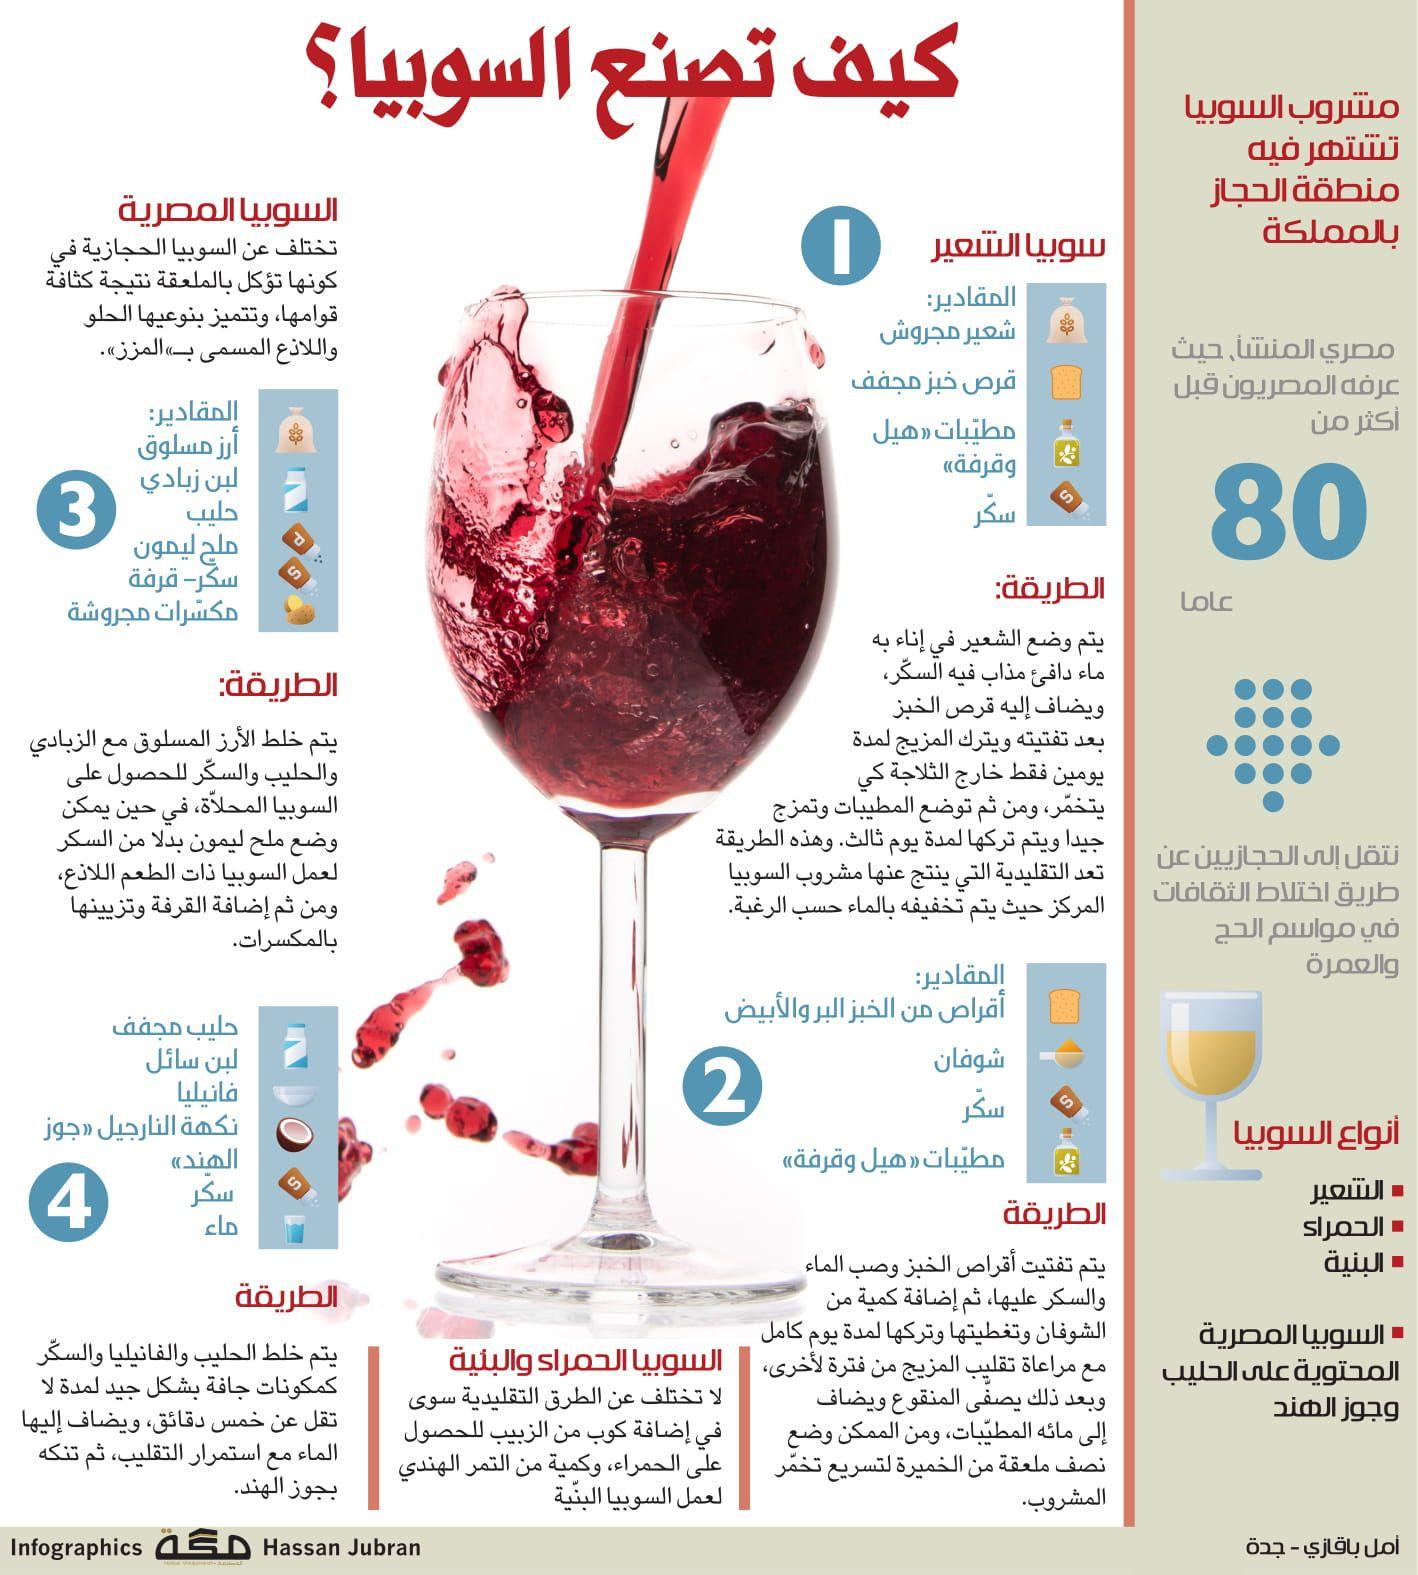 كيف تصنع السوبيا صحيفة مكة انفوجرافيك صحة Alcoholic Drinks Alcohol Red Wine